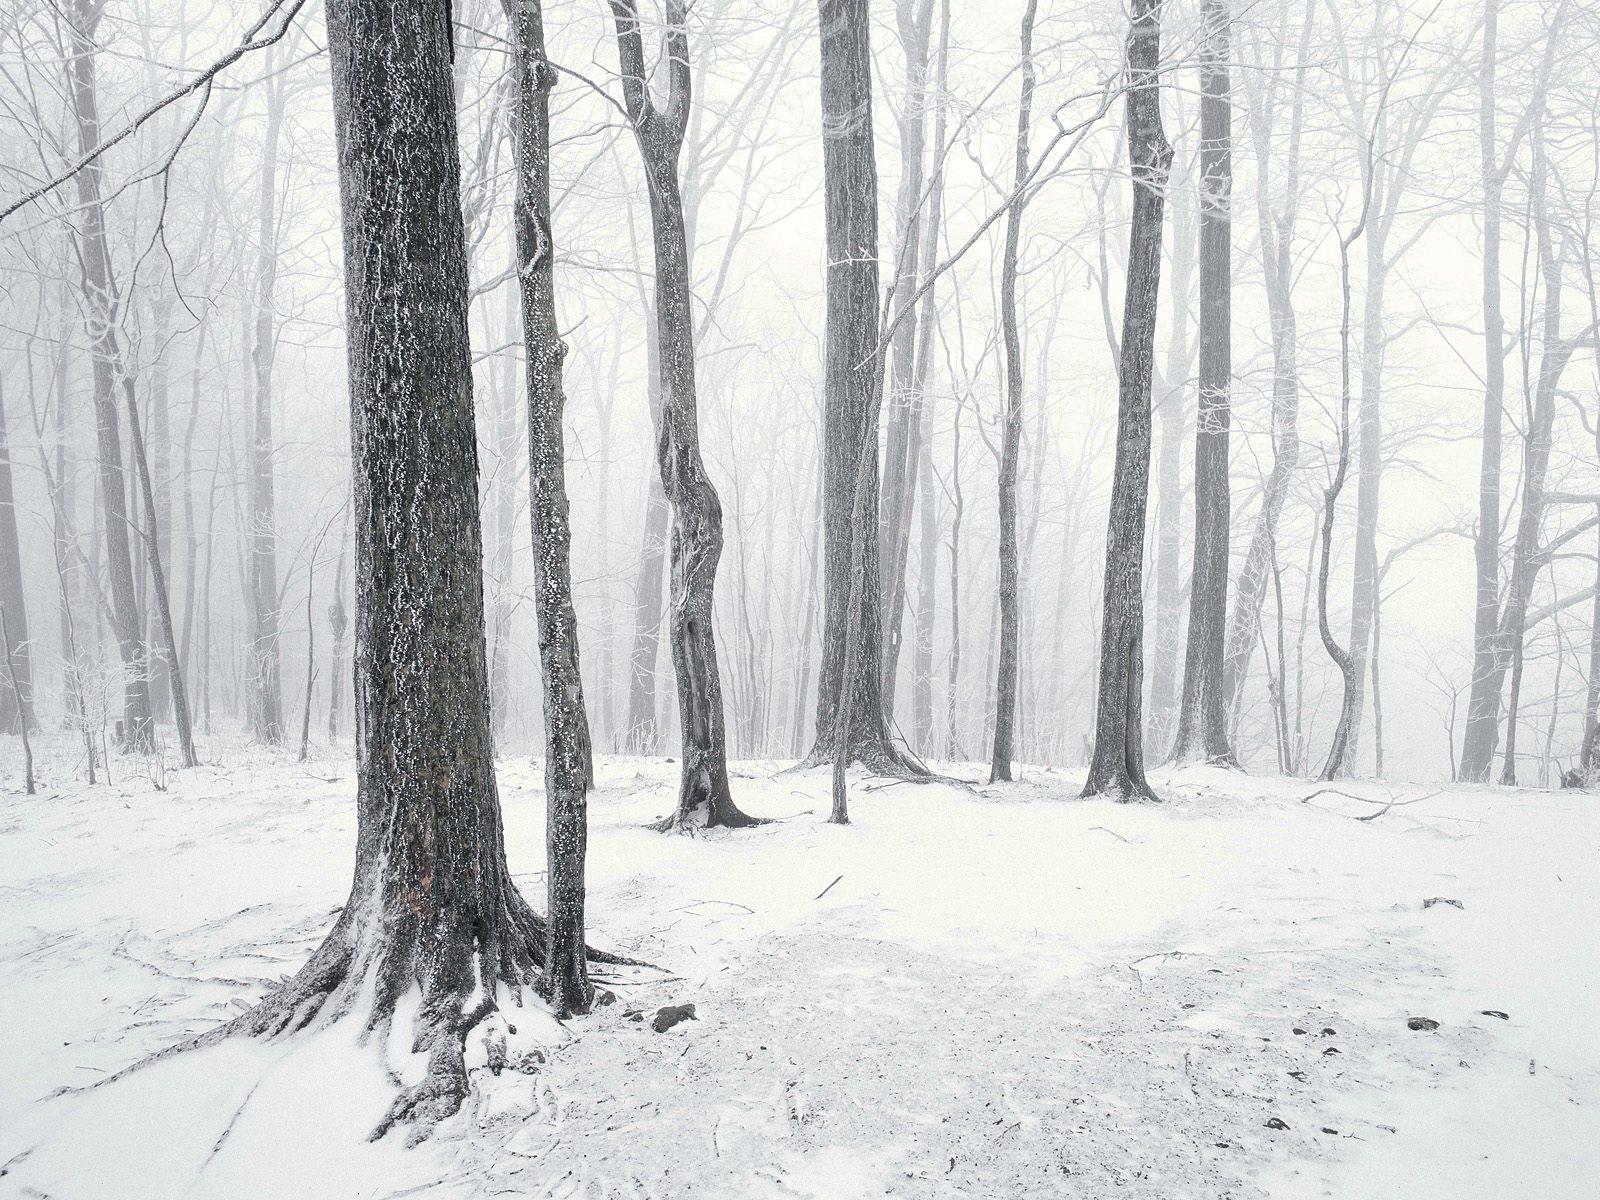 teli_winter_hatterkepek_122